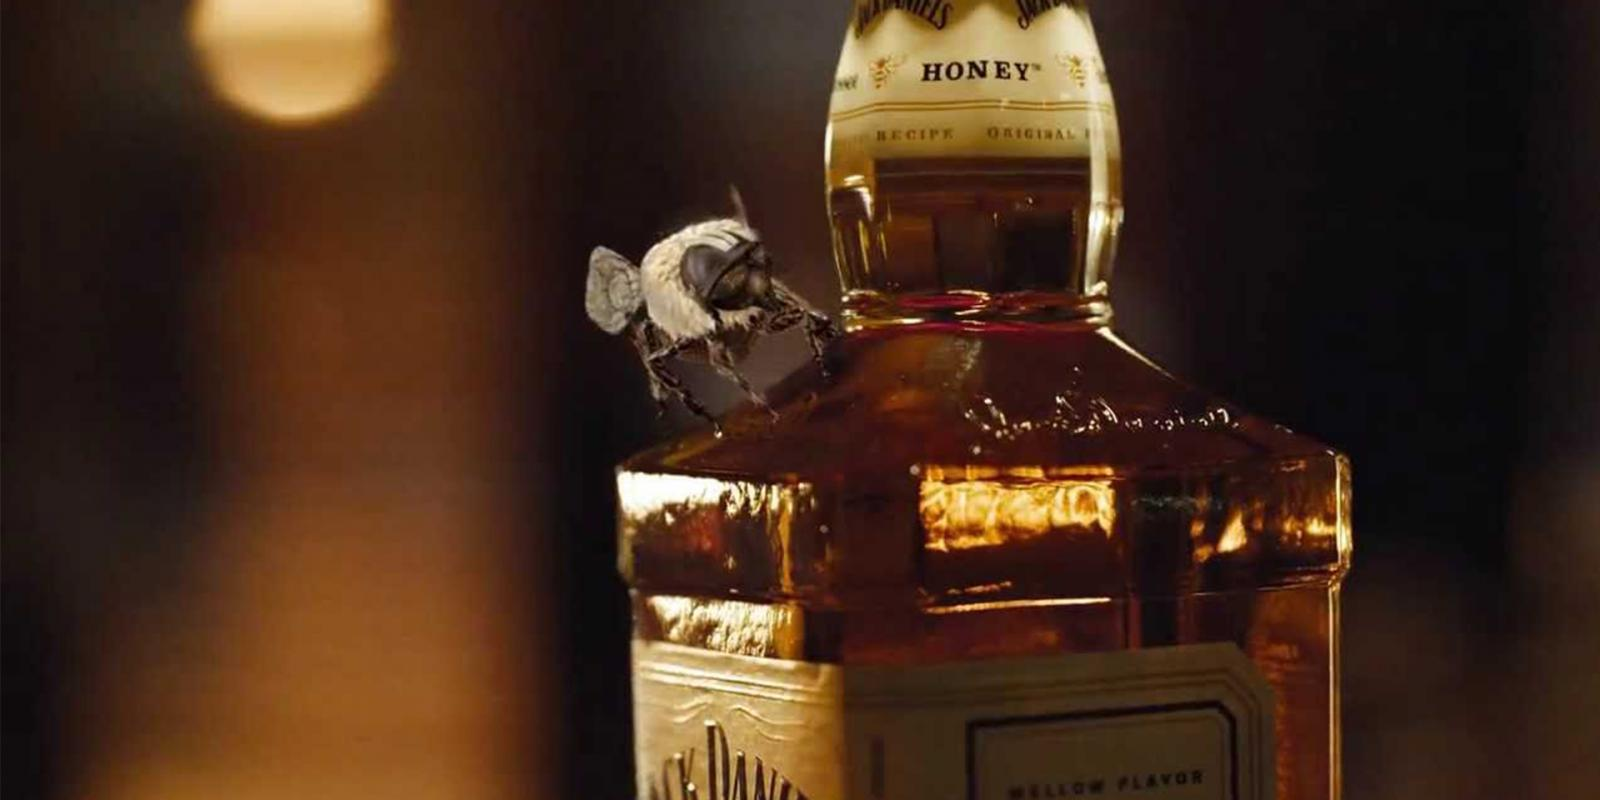 Image représentant le produit Jack Daniel's Honey / Apple en grand format, pour mieux voir le produit.